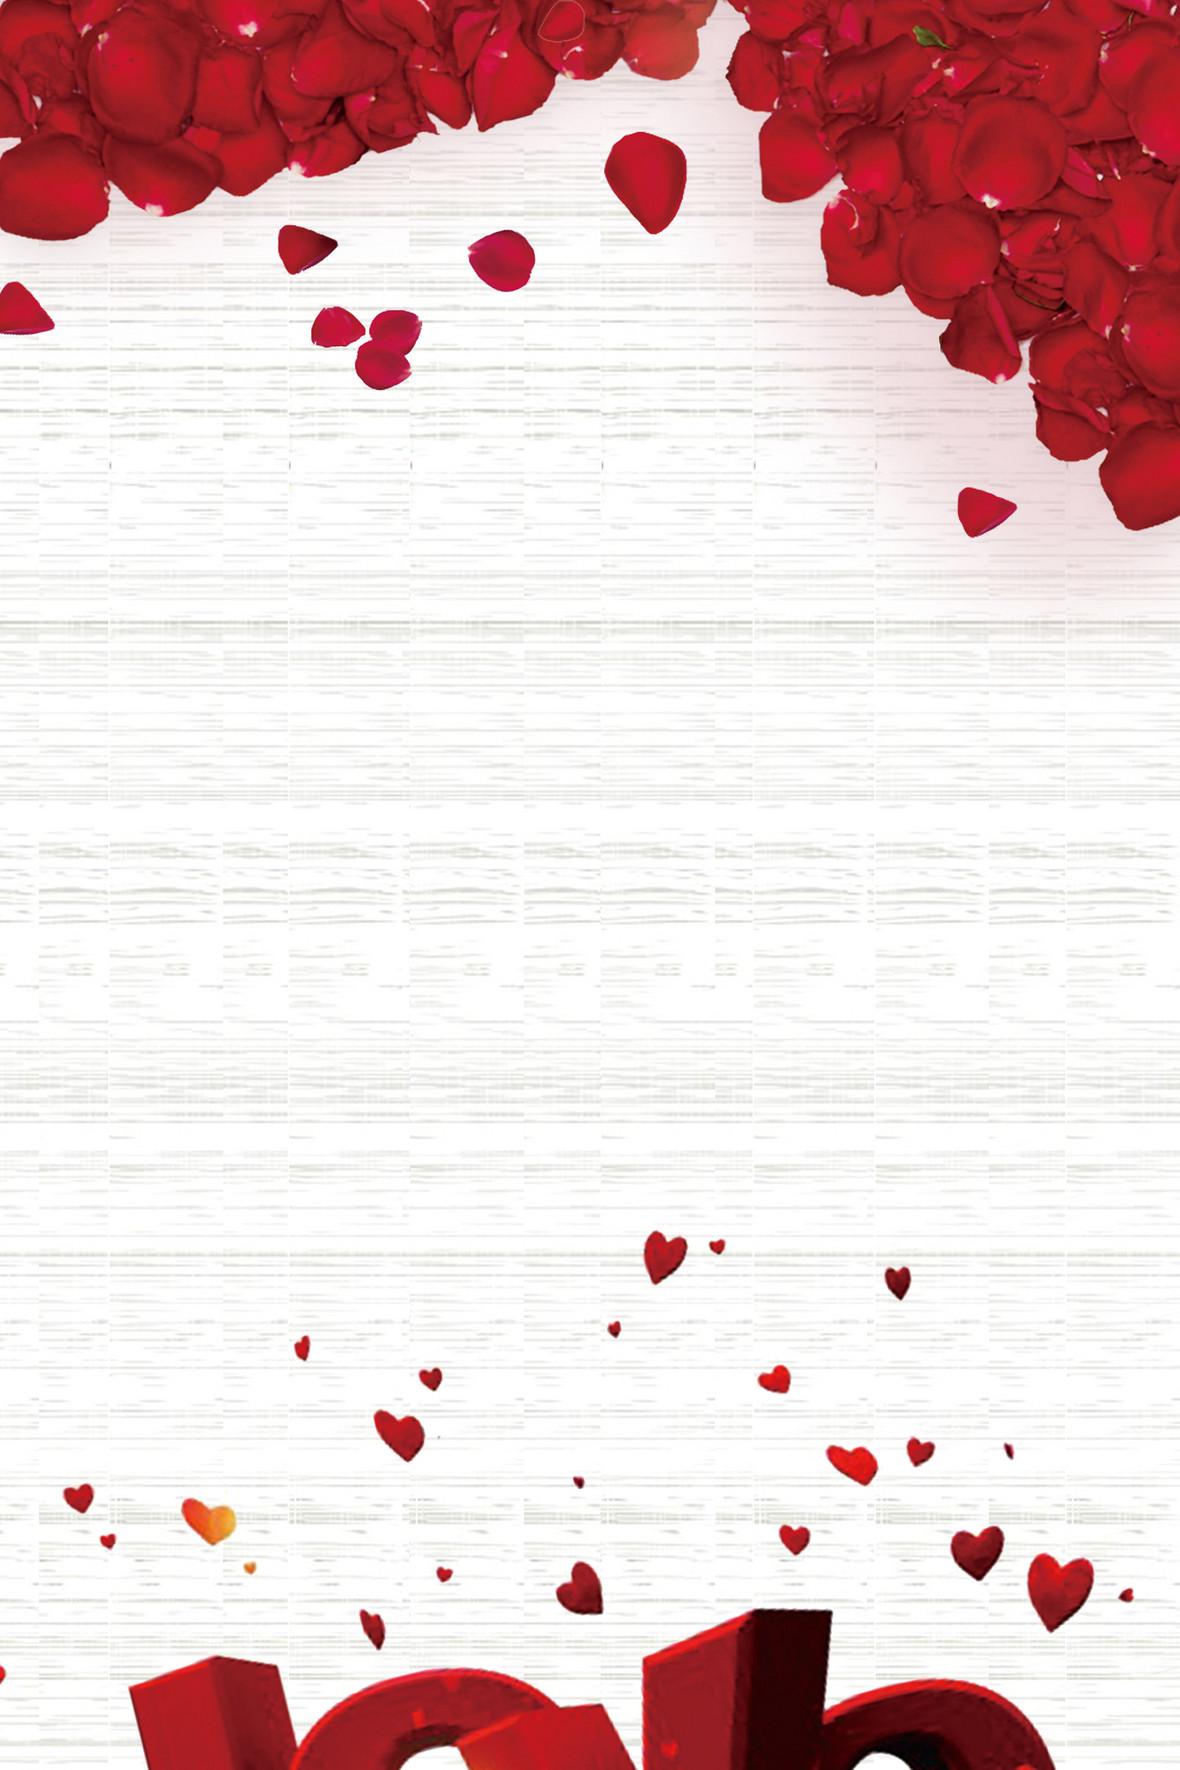 情人节海报素材_白色浪漫玫瑰花情人节海报背景素材